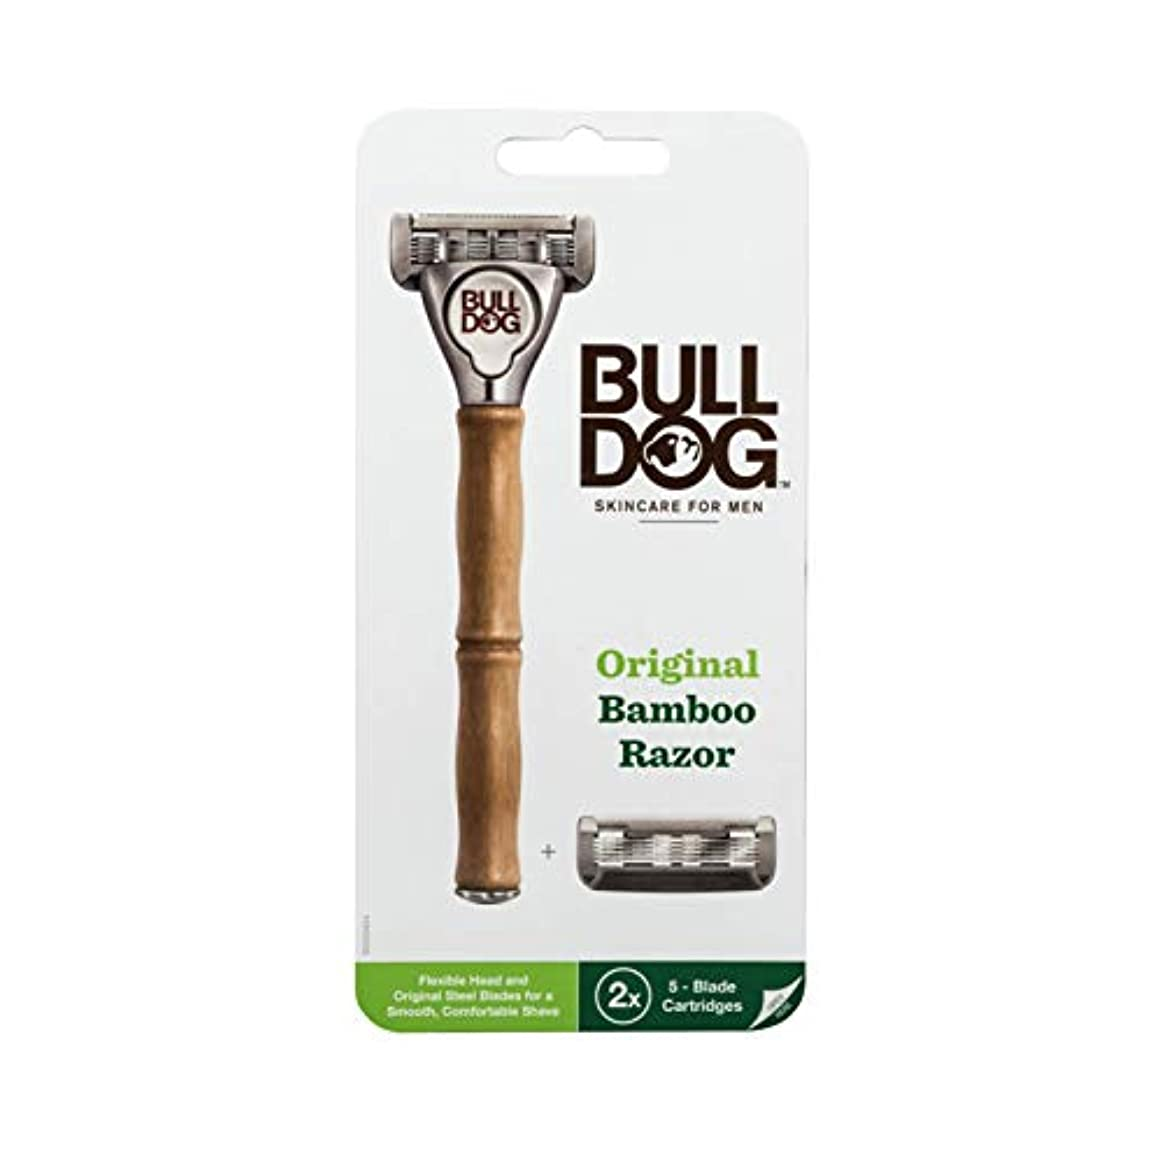 触手到着既婚Bulldog(ブルドッグ) ブルドッグ Bulldog 5枚刃 オリジナルバンブーホルダー 水に強い竹製ハンドル 替刃 2コ付 男性カミソリ ホルダー(1本)、替刃2コ付き(内1コ本体装着済み)